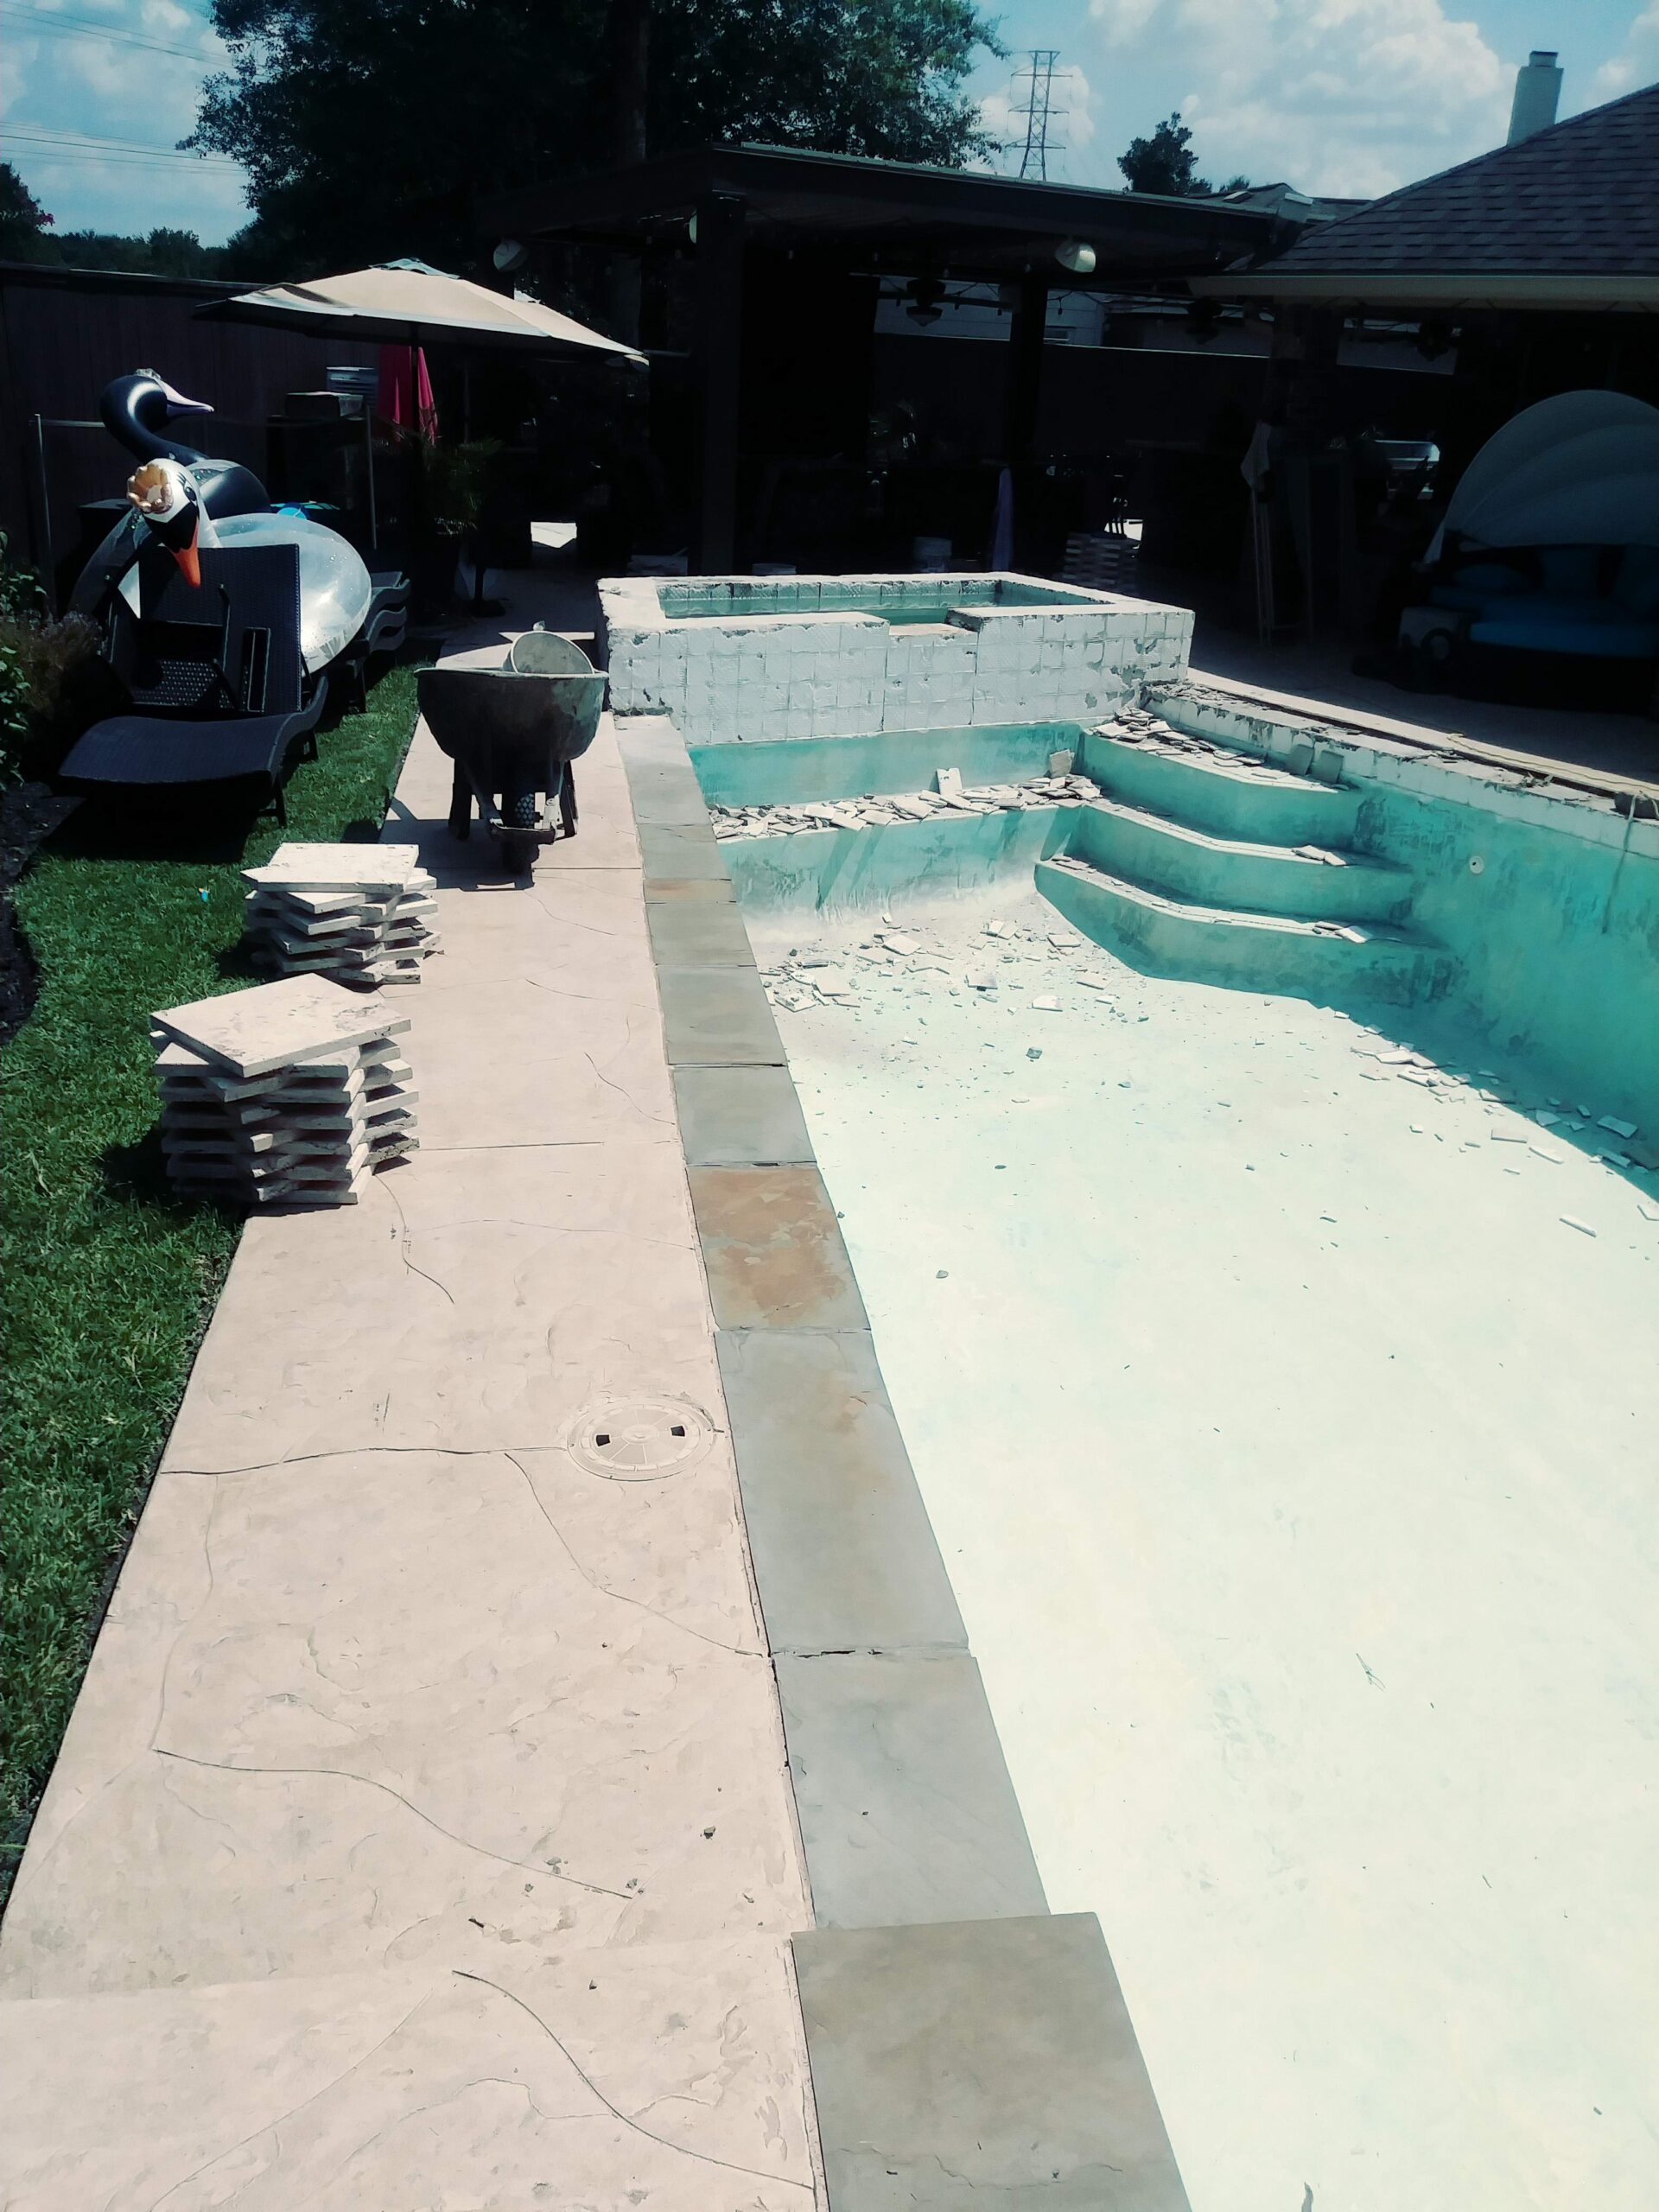 Pool Remodel - Katy - Before Image003